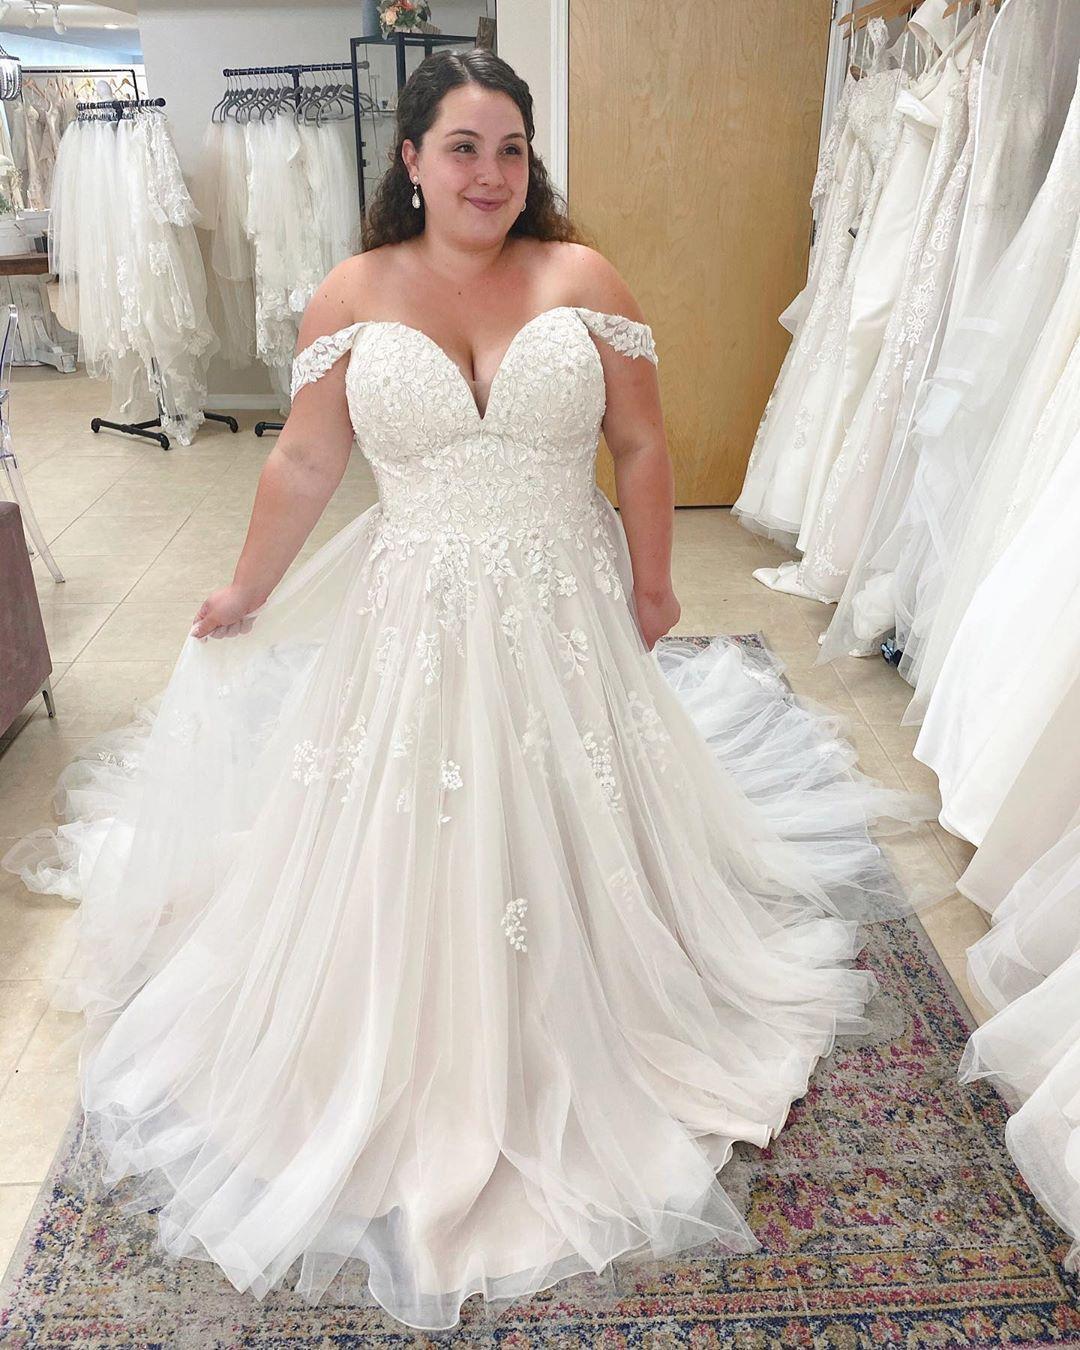 Stella York Plus Size Lace Wedding Gown Wedding Gowns Lace Curvy Wedding Dress Top Wedding Dresses [ 1350 x 1080 Pixel ]